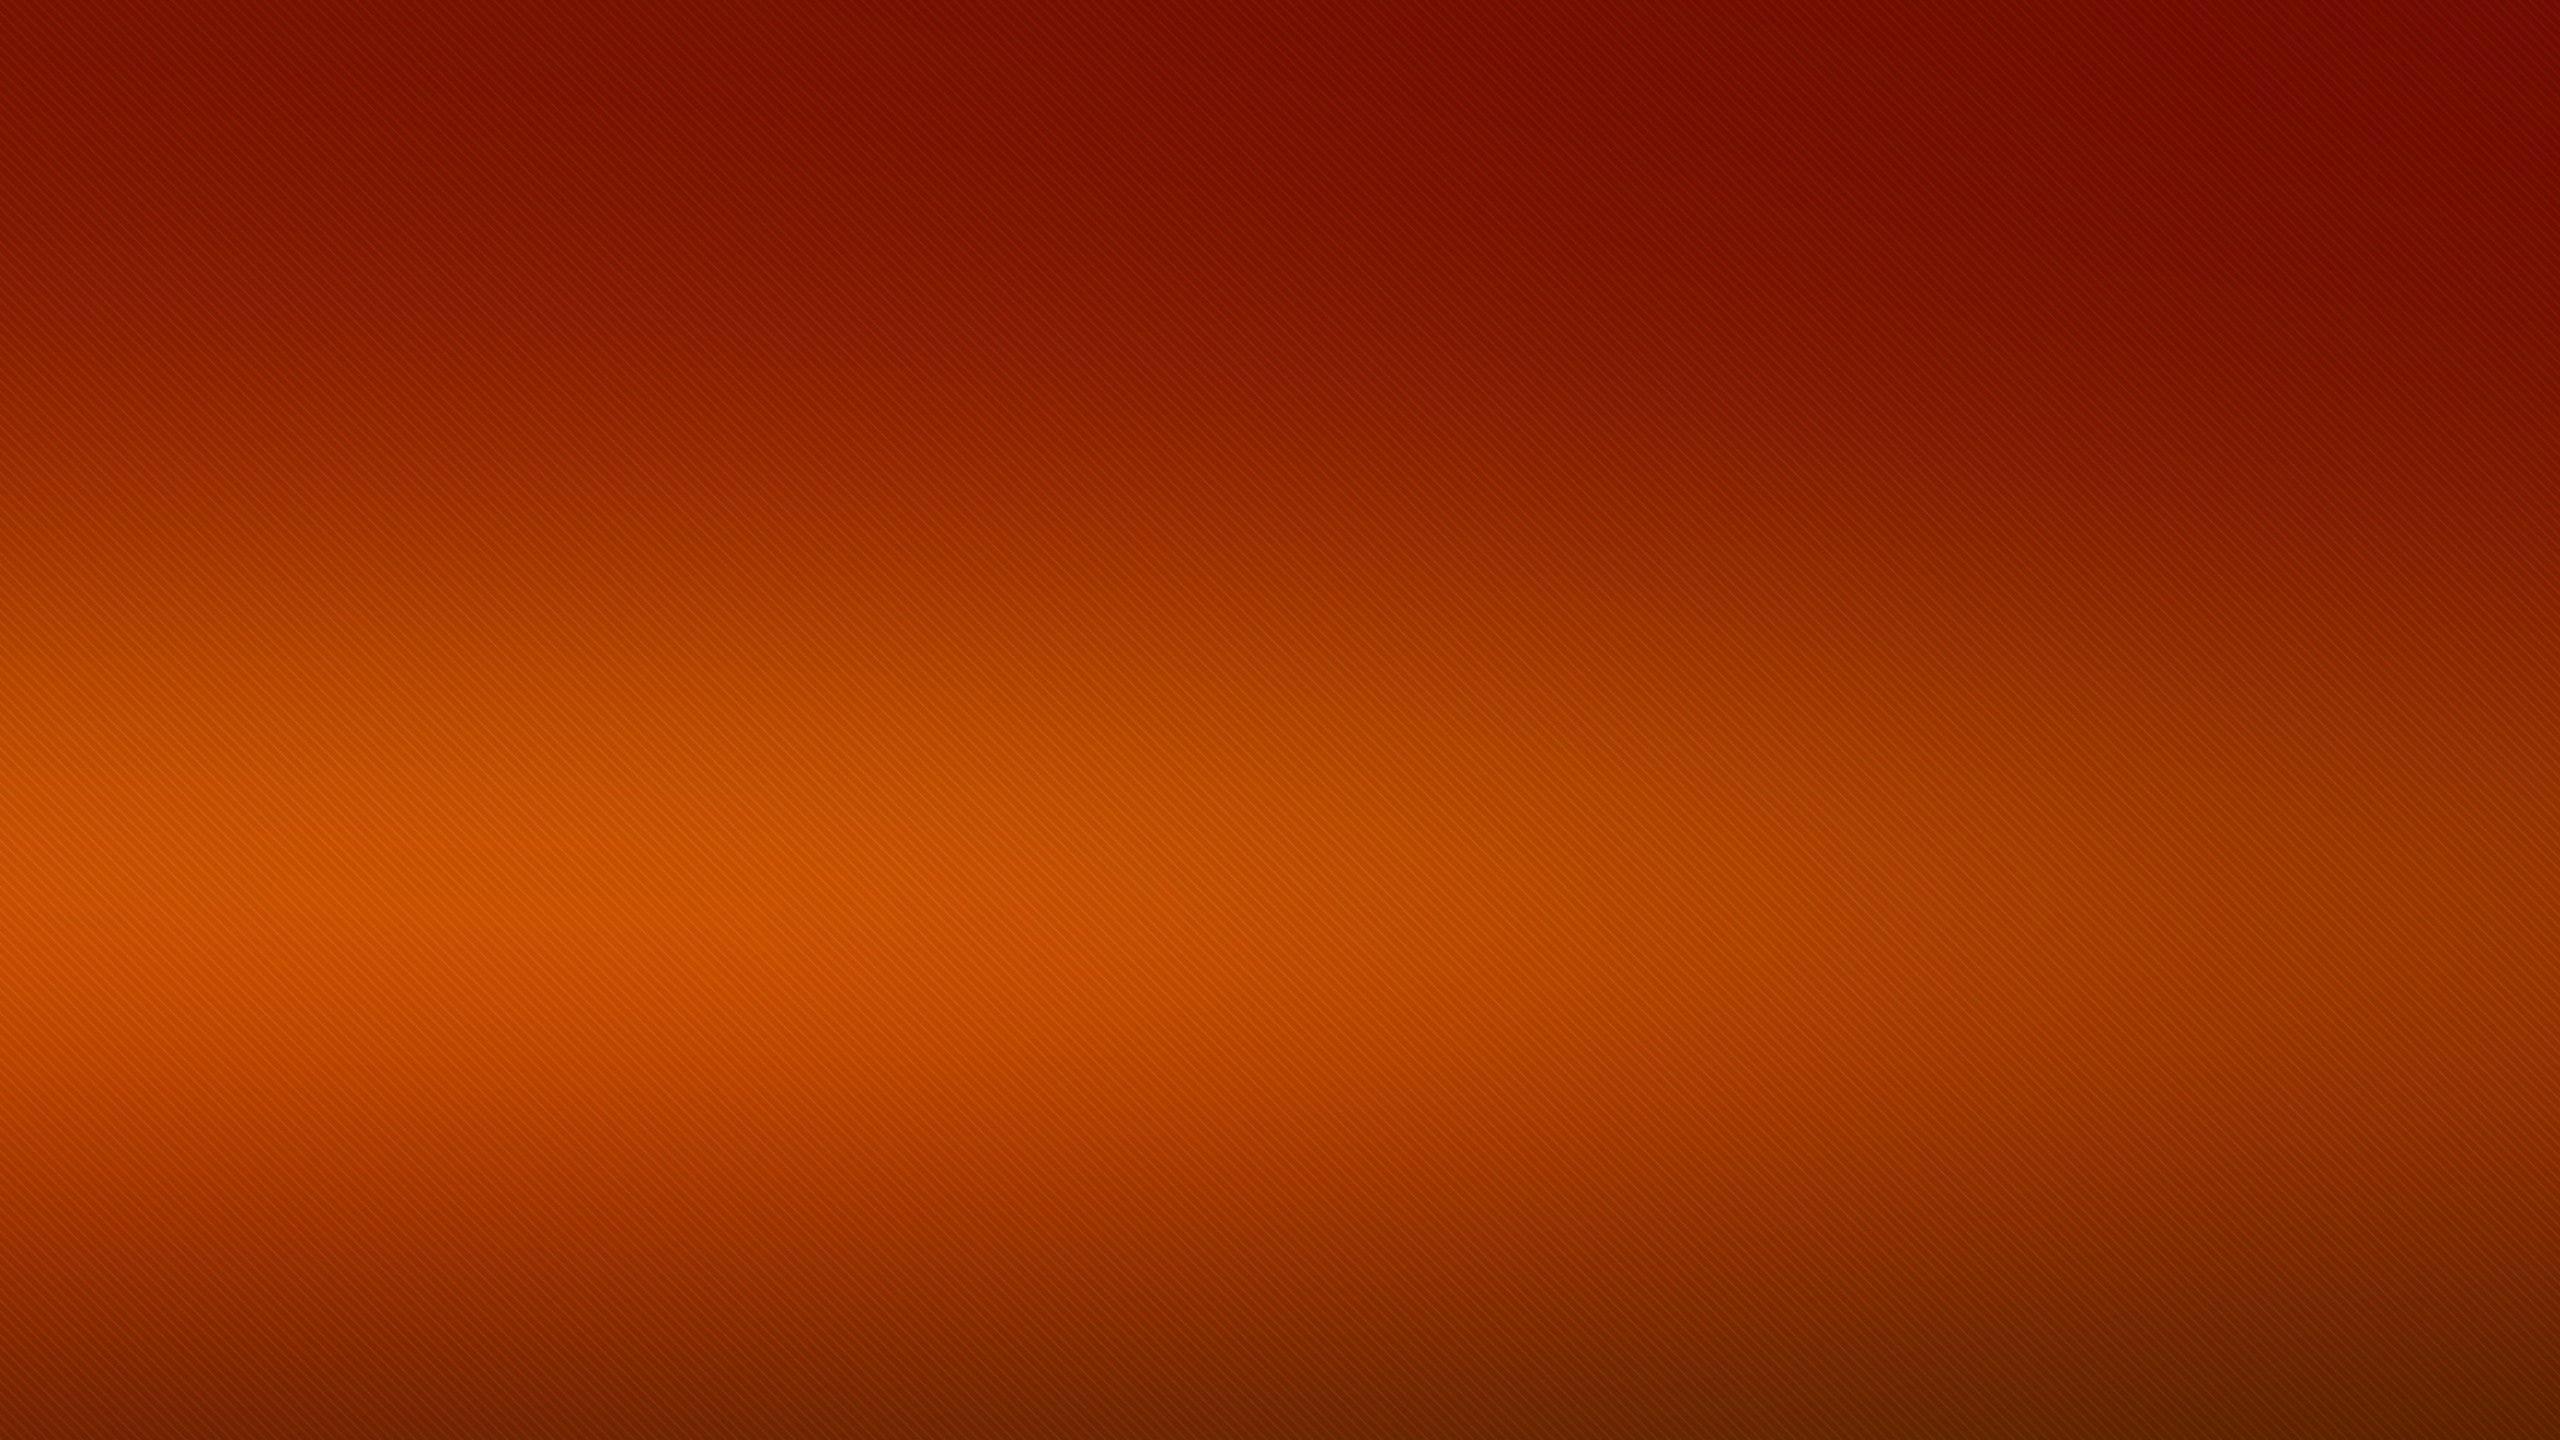 Plain Color Wallpaper Backgrounds Group 71